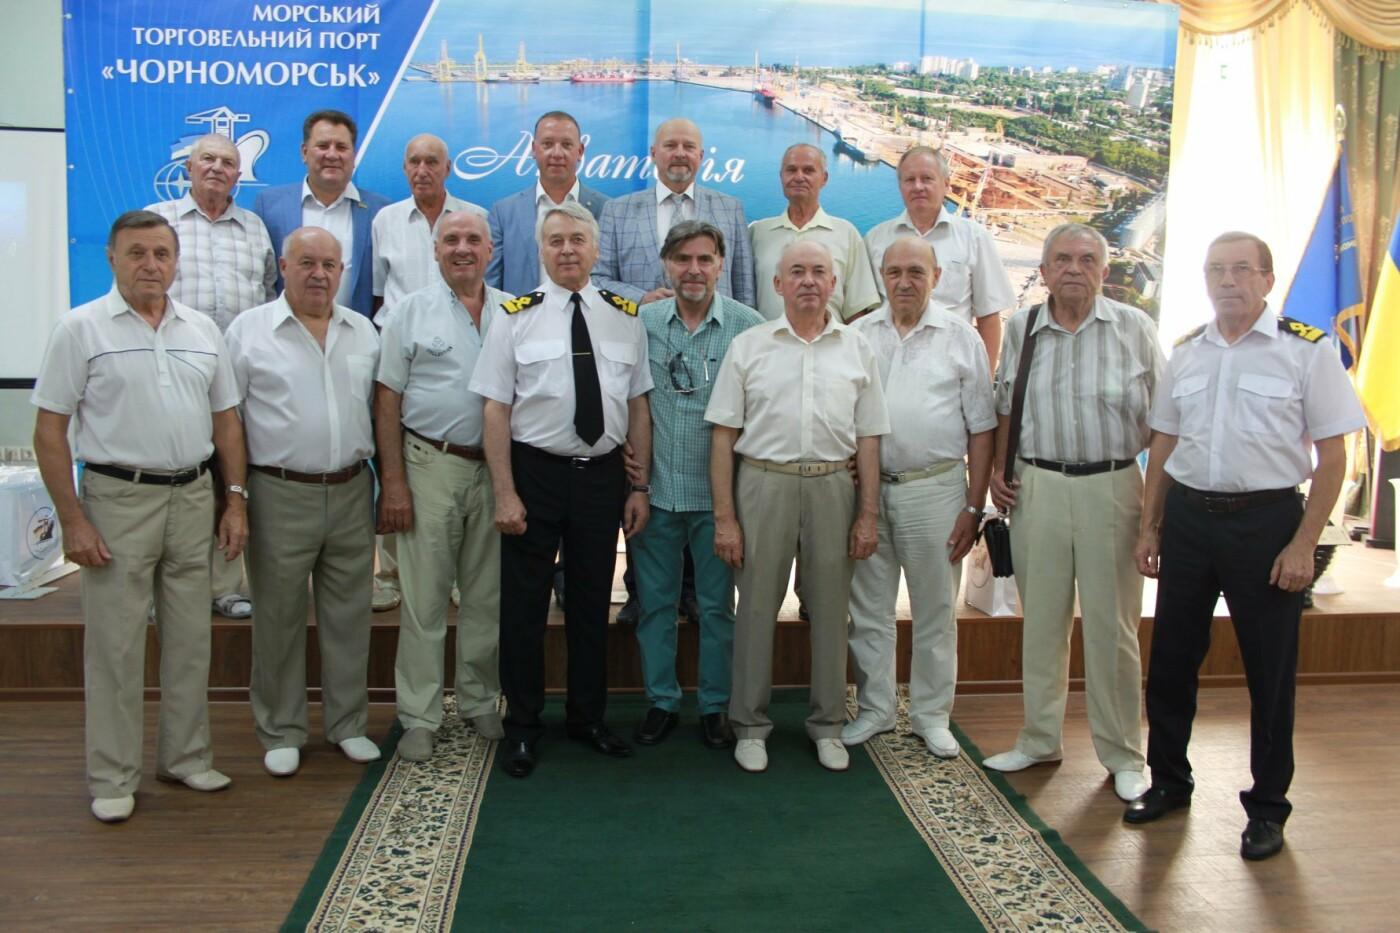 Празднование шестидесятилетия Морского порта Черноморска. Впечатления и особенности., фото-24